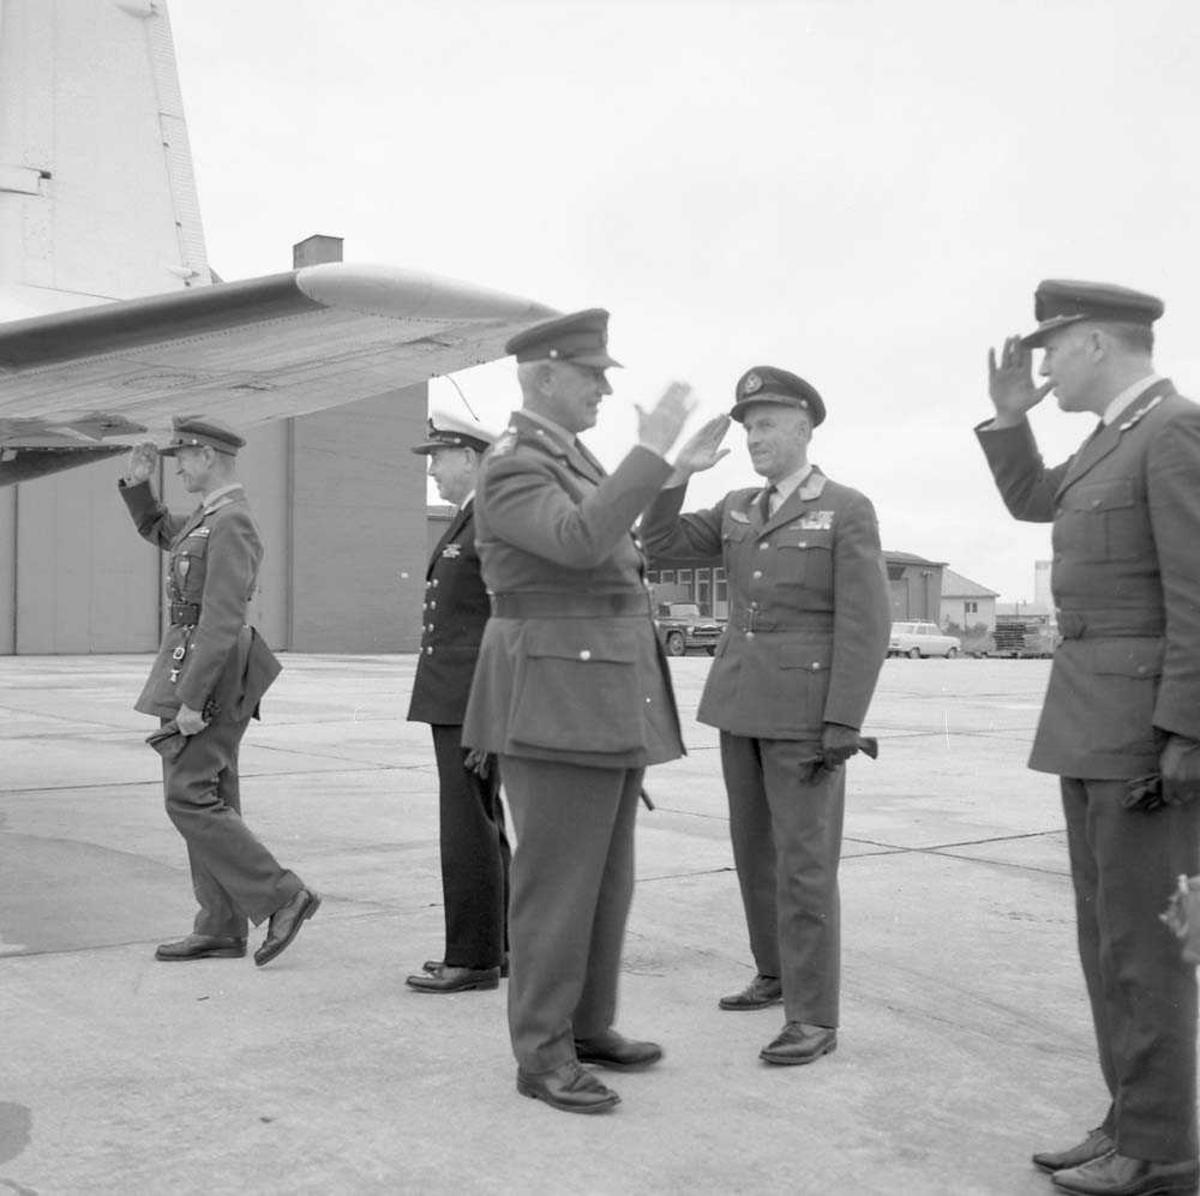 General Brey besøker Bodø flystasjon. Fra høyre i bildet sees Oblt. M.T. Sørensen, Gen. W. Christie, Gen. Brey, Adm. R. Tamber (usikker) og Gen. H.F. Zeiner-Gundersen.